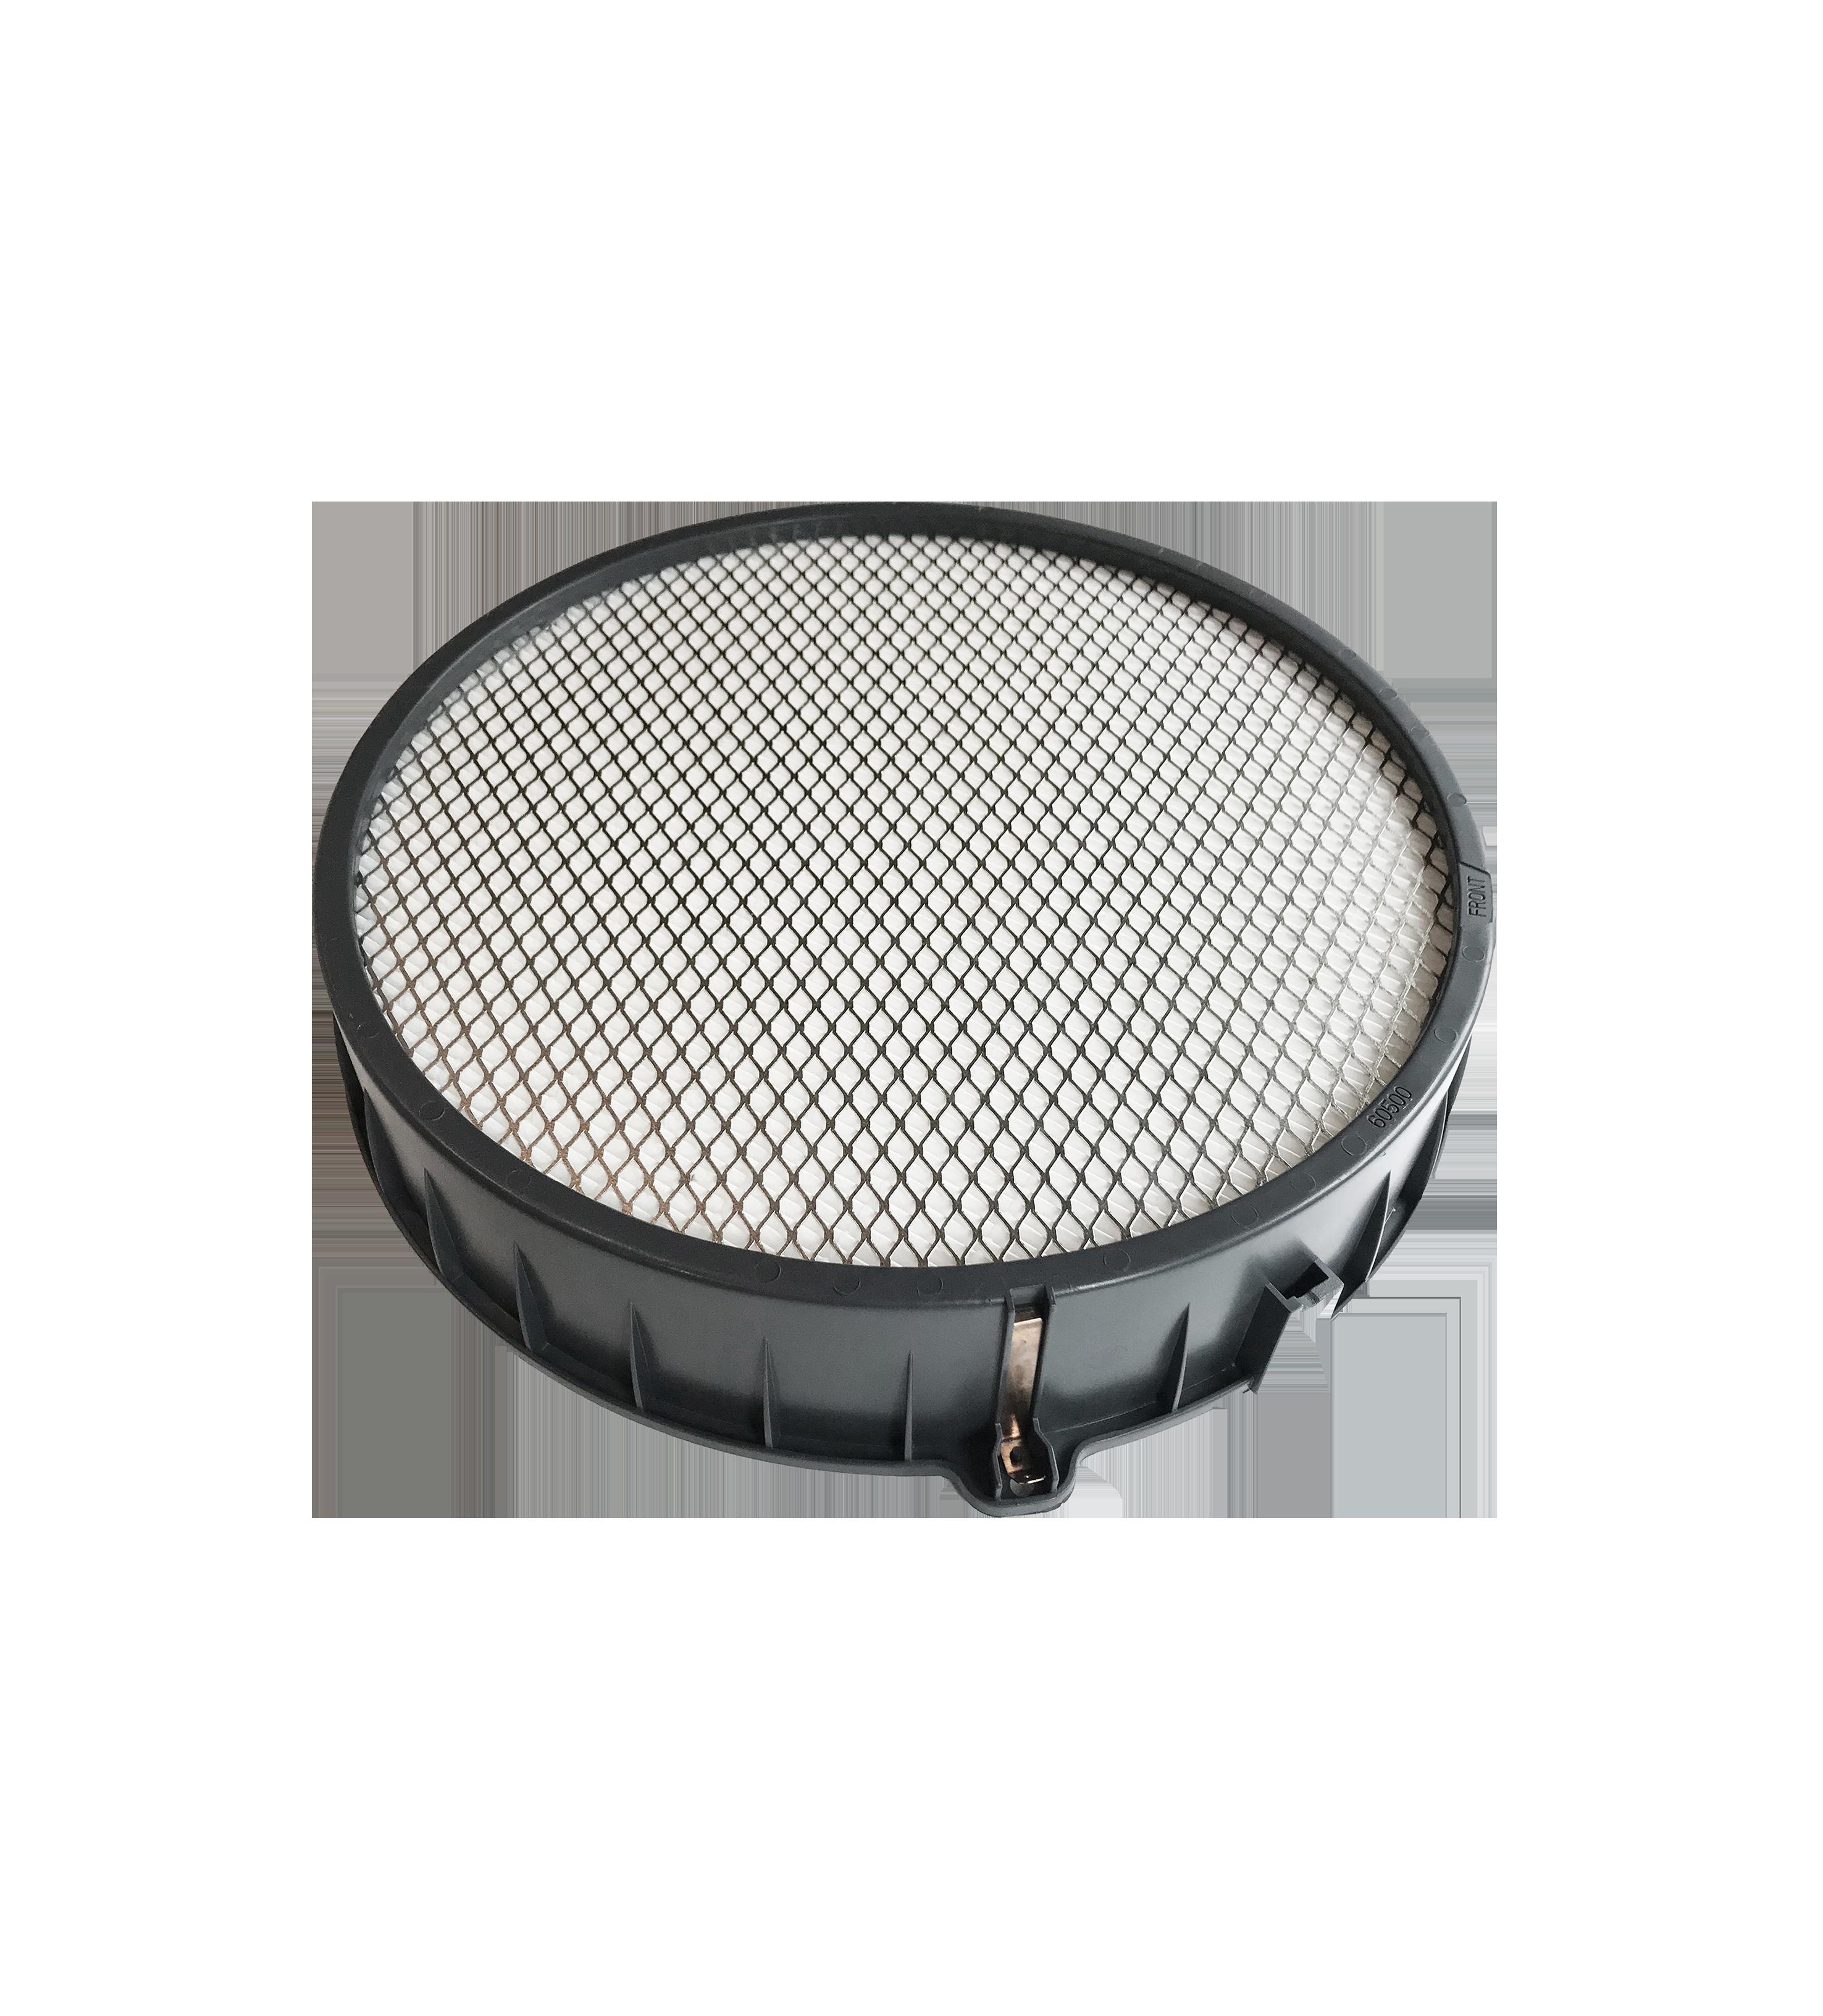 Model No. 20600-02, 20600-3 Main Filter